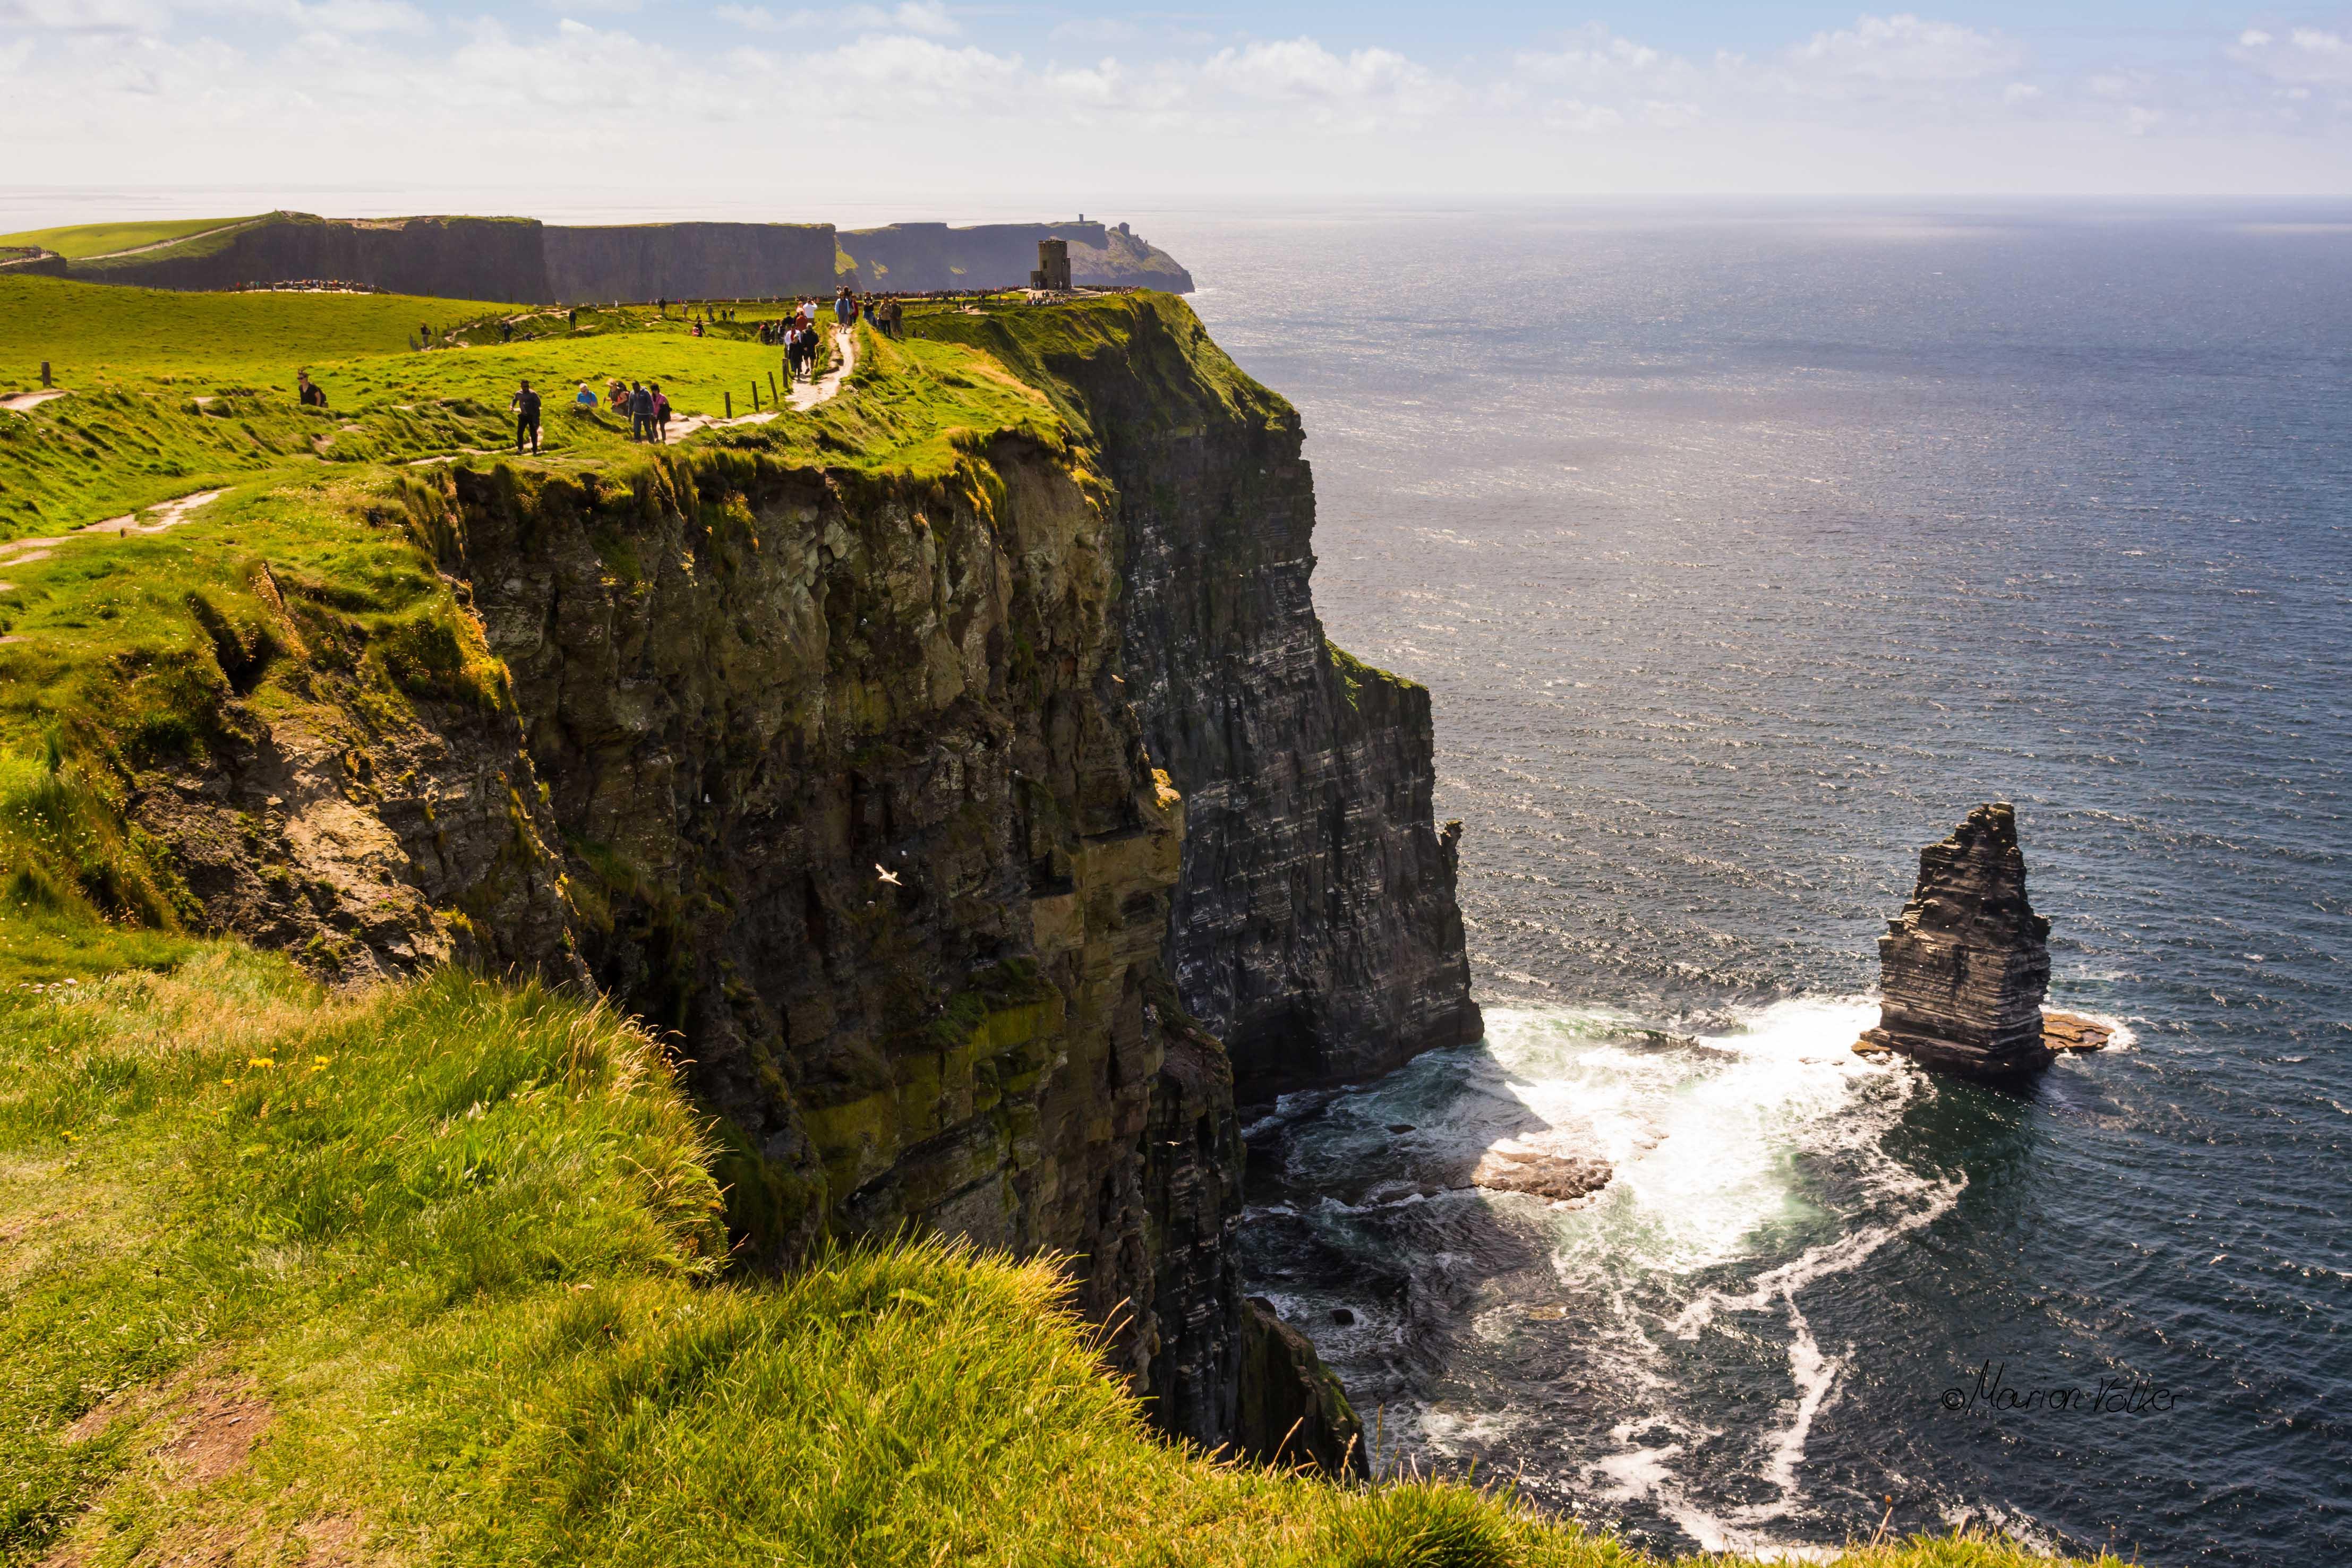 Die Cliffs of Moher am WIld Atlantic Way in Irland sind immer einen Besuch wert